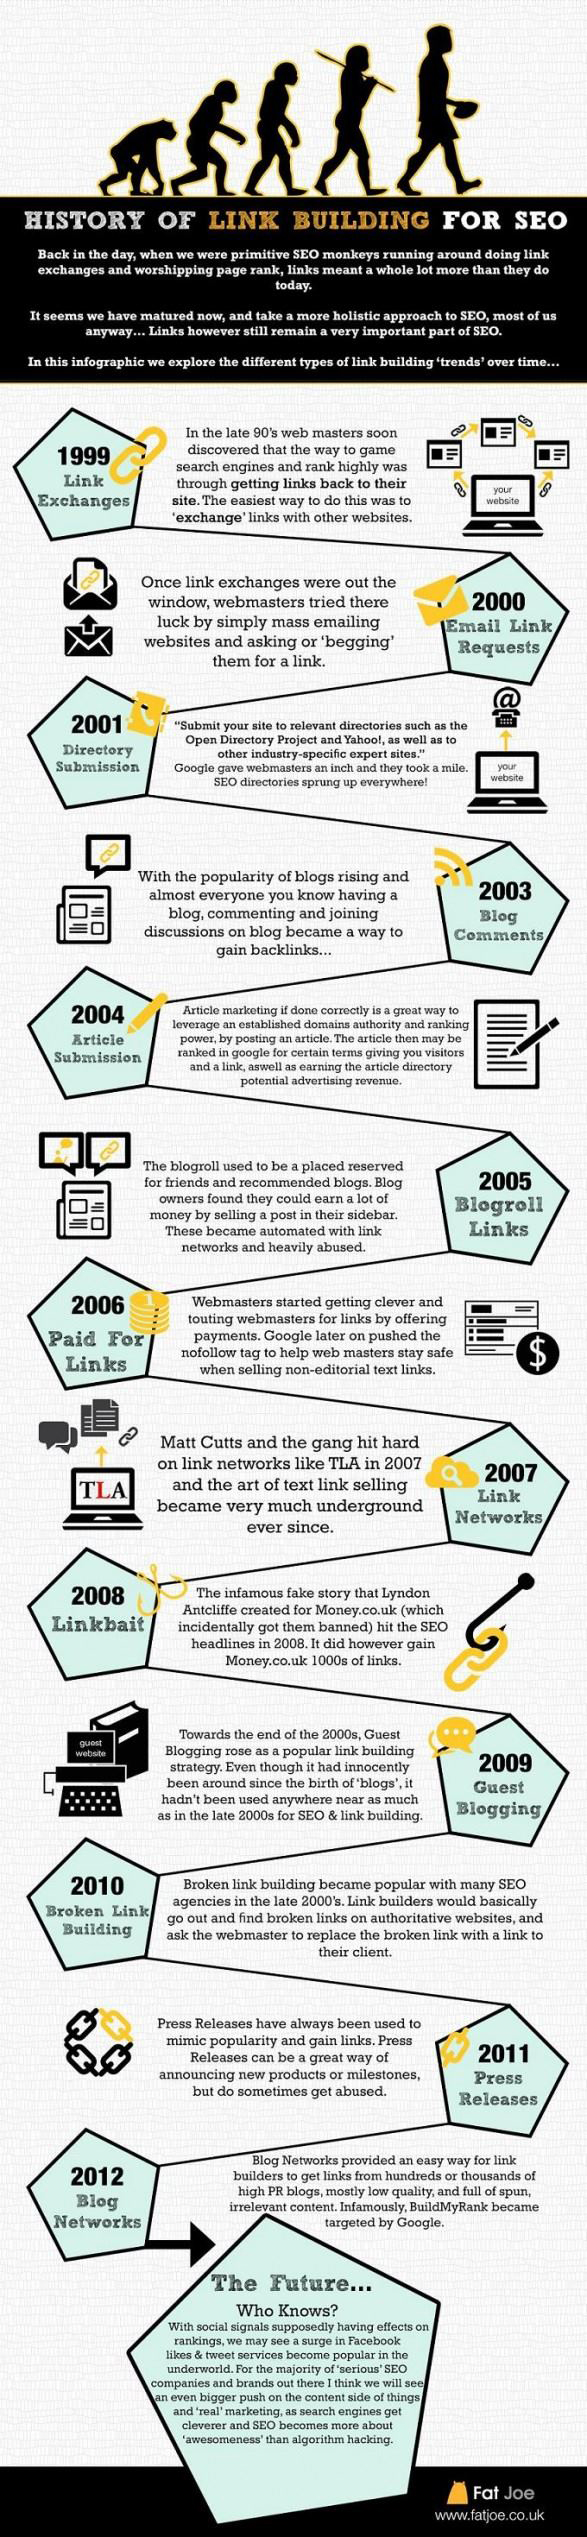 Storia della link building per la SEO, infografica